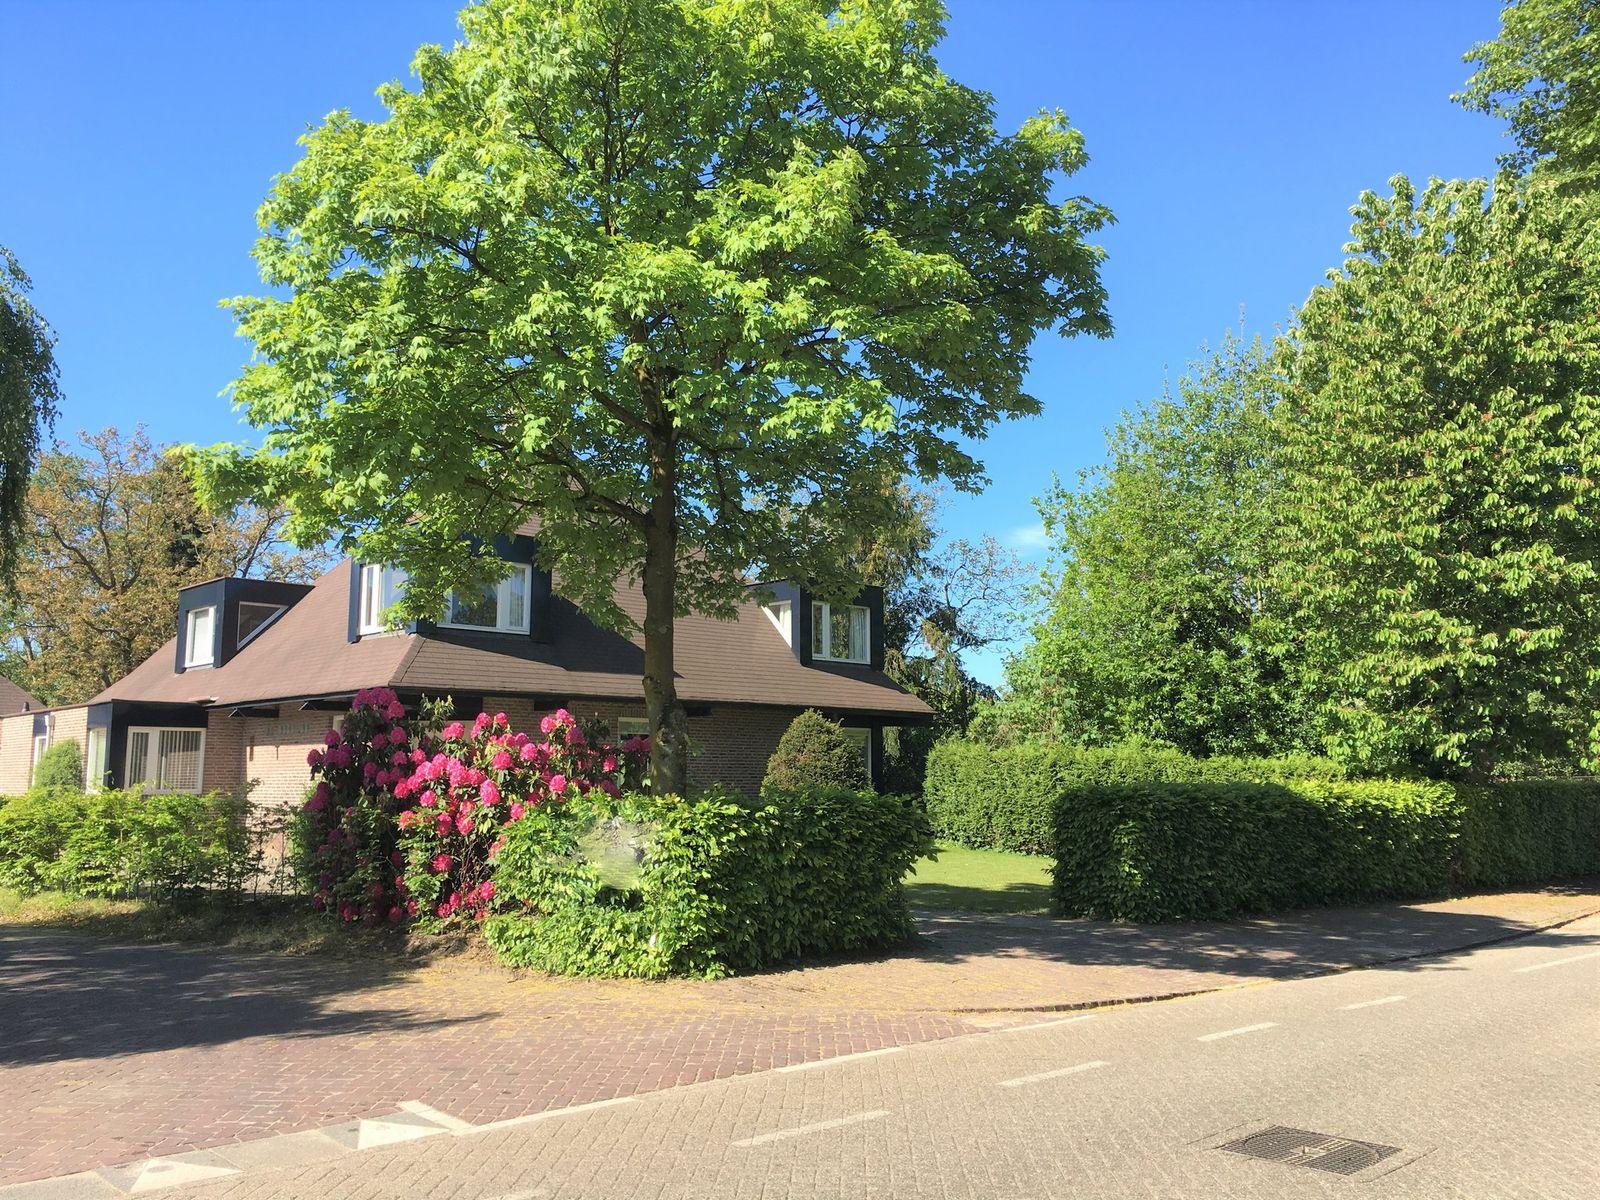 Hoofdstraat 73, Heeswijk-dinther